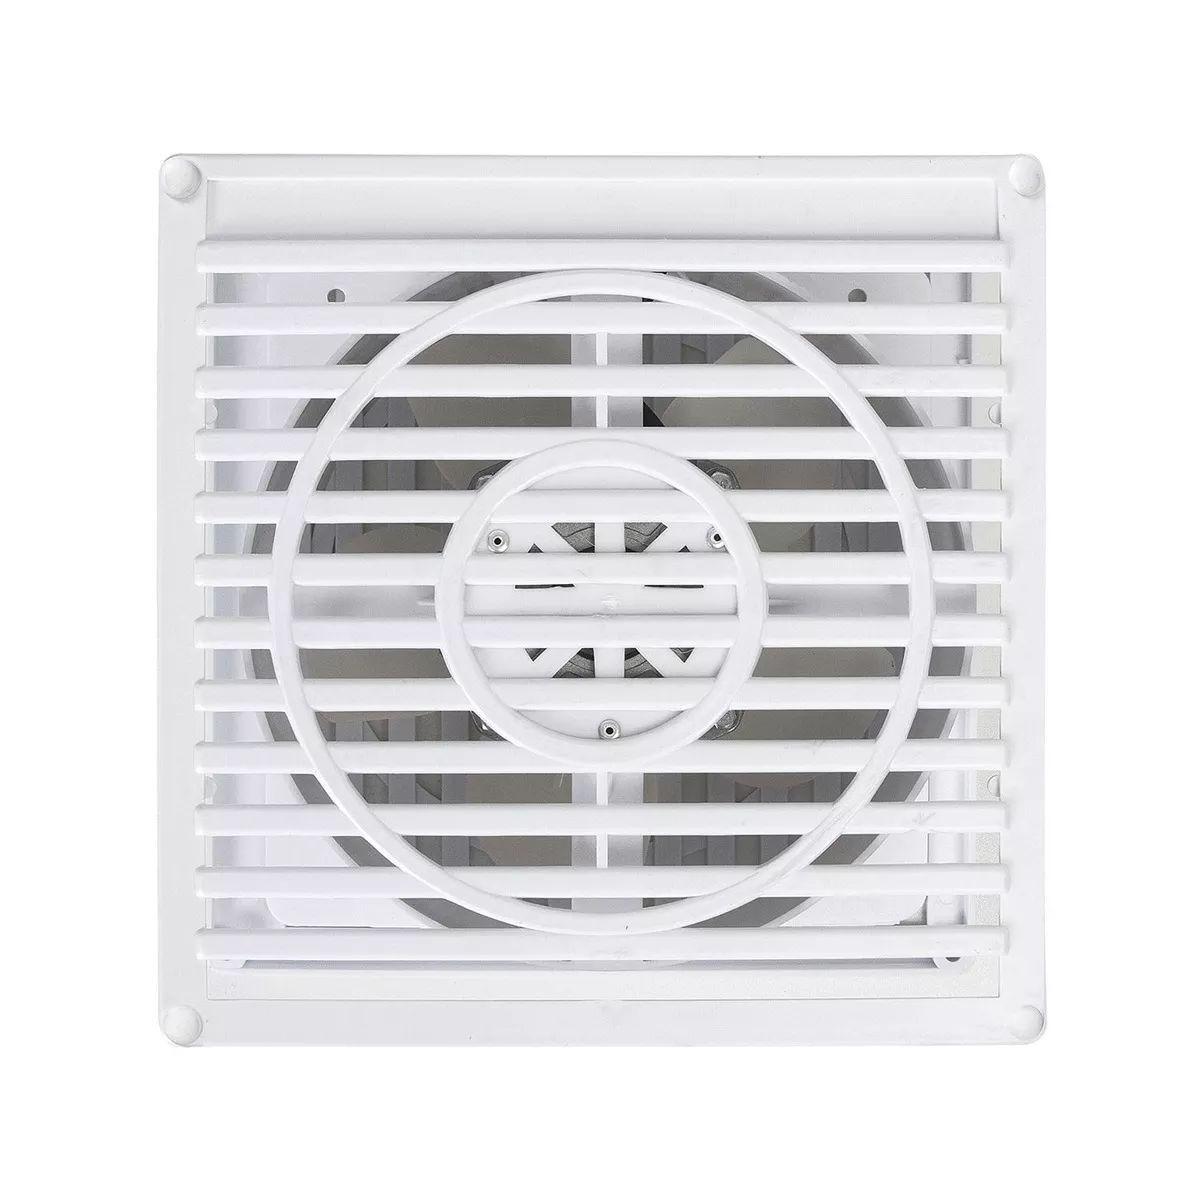 Exaustor De Ambientes Depurador de Ar Residencial Catarina 250 Branco 220V